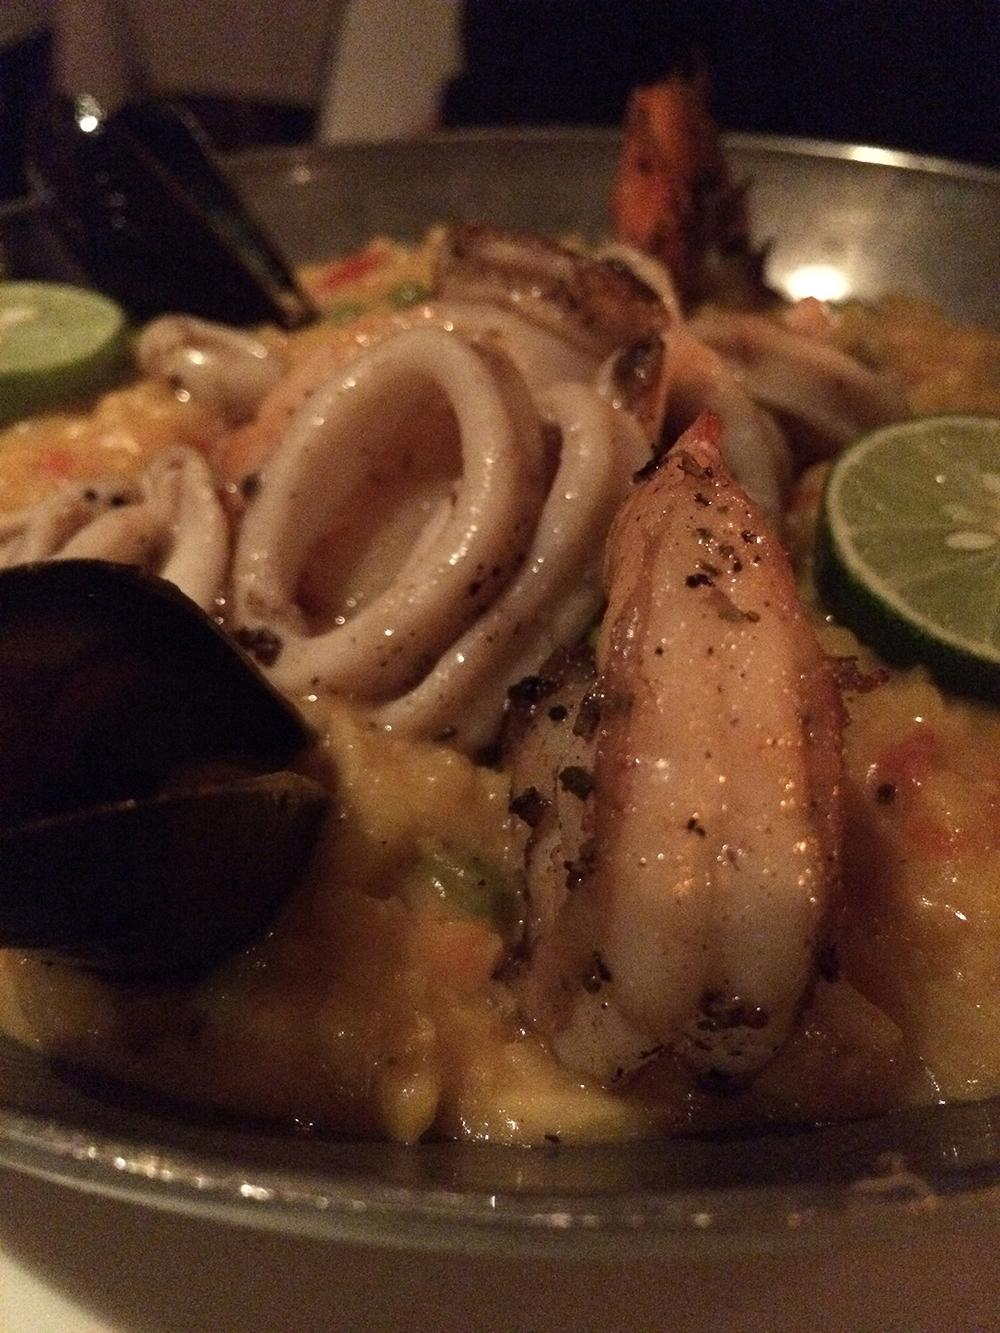 Paella del mar, black tiger shrimp, sea scallop, calamari, mussels, saffron rice with chicken, green pea, red bell pepper, artichoke, saffron aioli, pimenton and oregano.